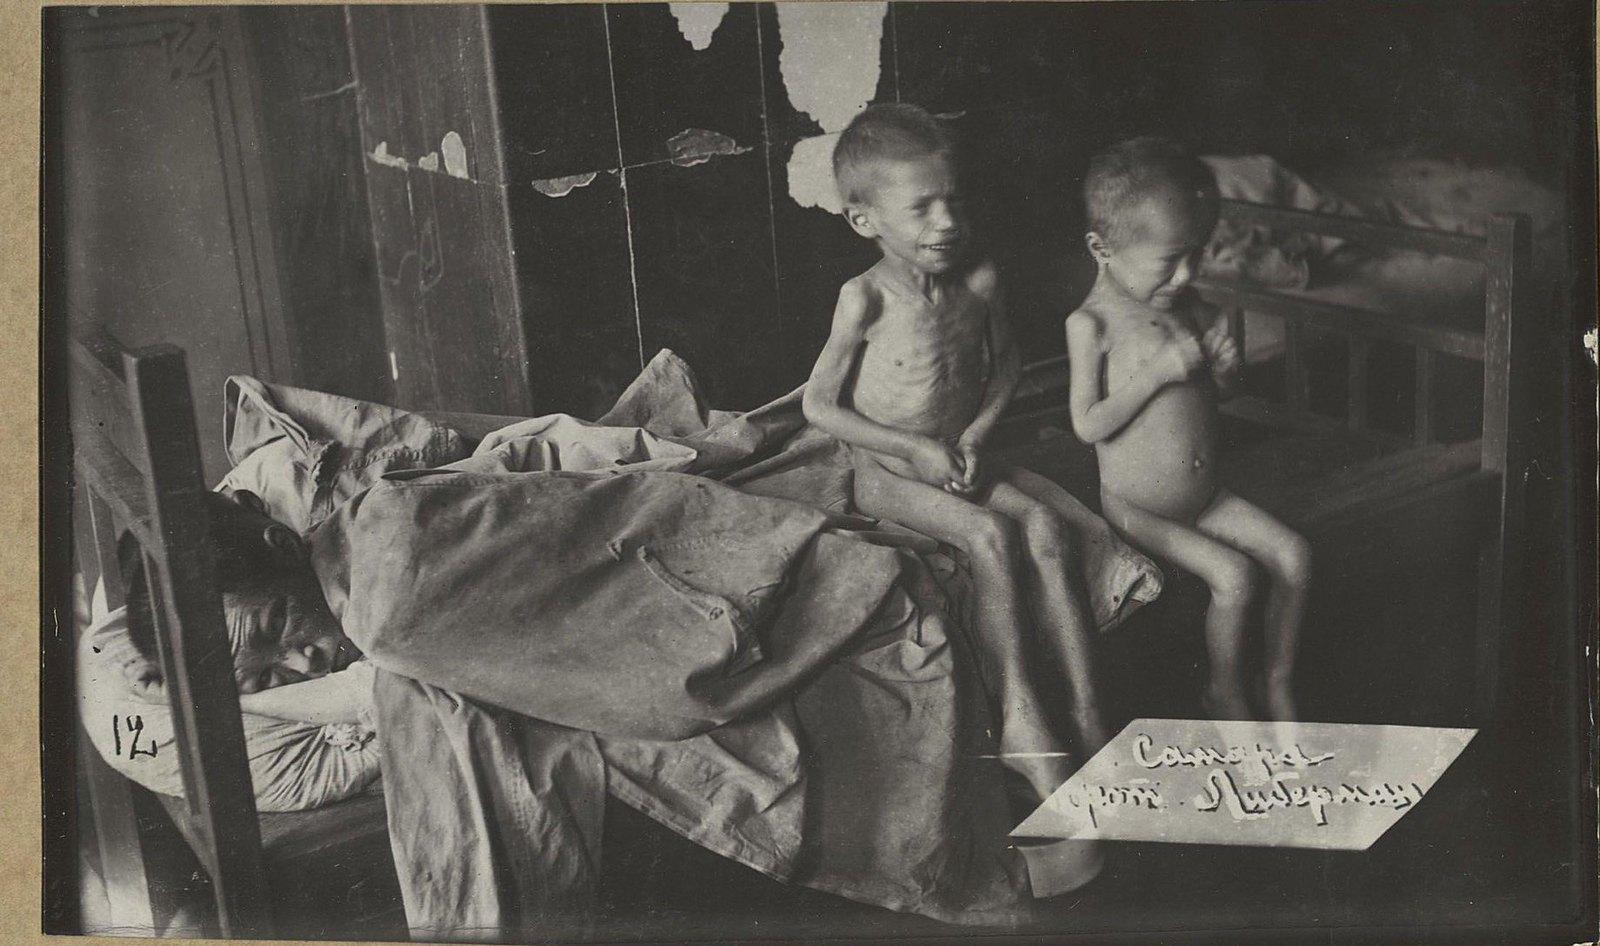 Палата для тяжелобольных детей. По двое на одной койке (Самарская губ., Бугурусланский уезд, г. Бугуруслан)